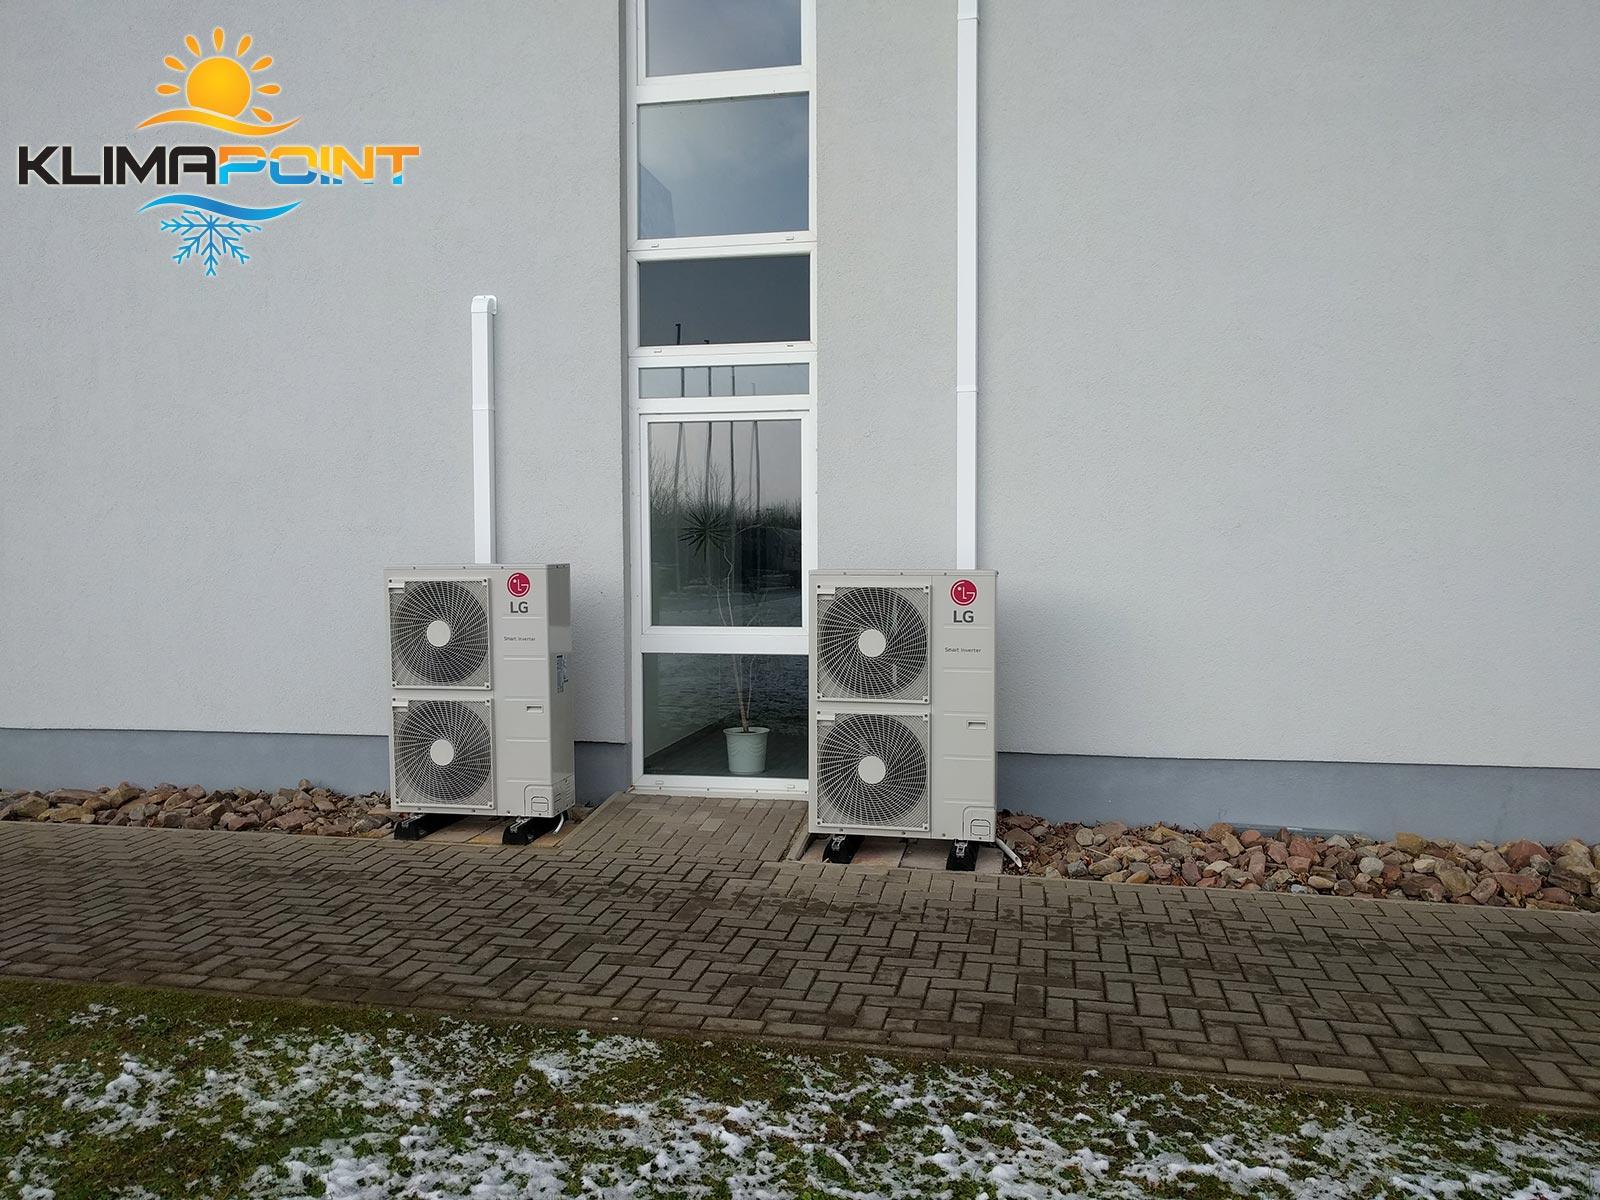 Białe korytka z instalacją chłodniczą na elewacji przy jednostkach zewnętrznych klimatyzatorów LG